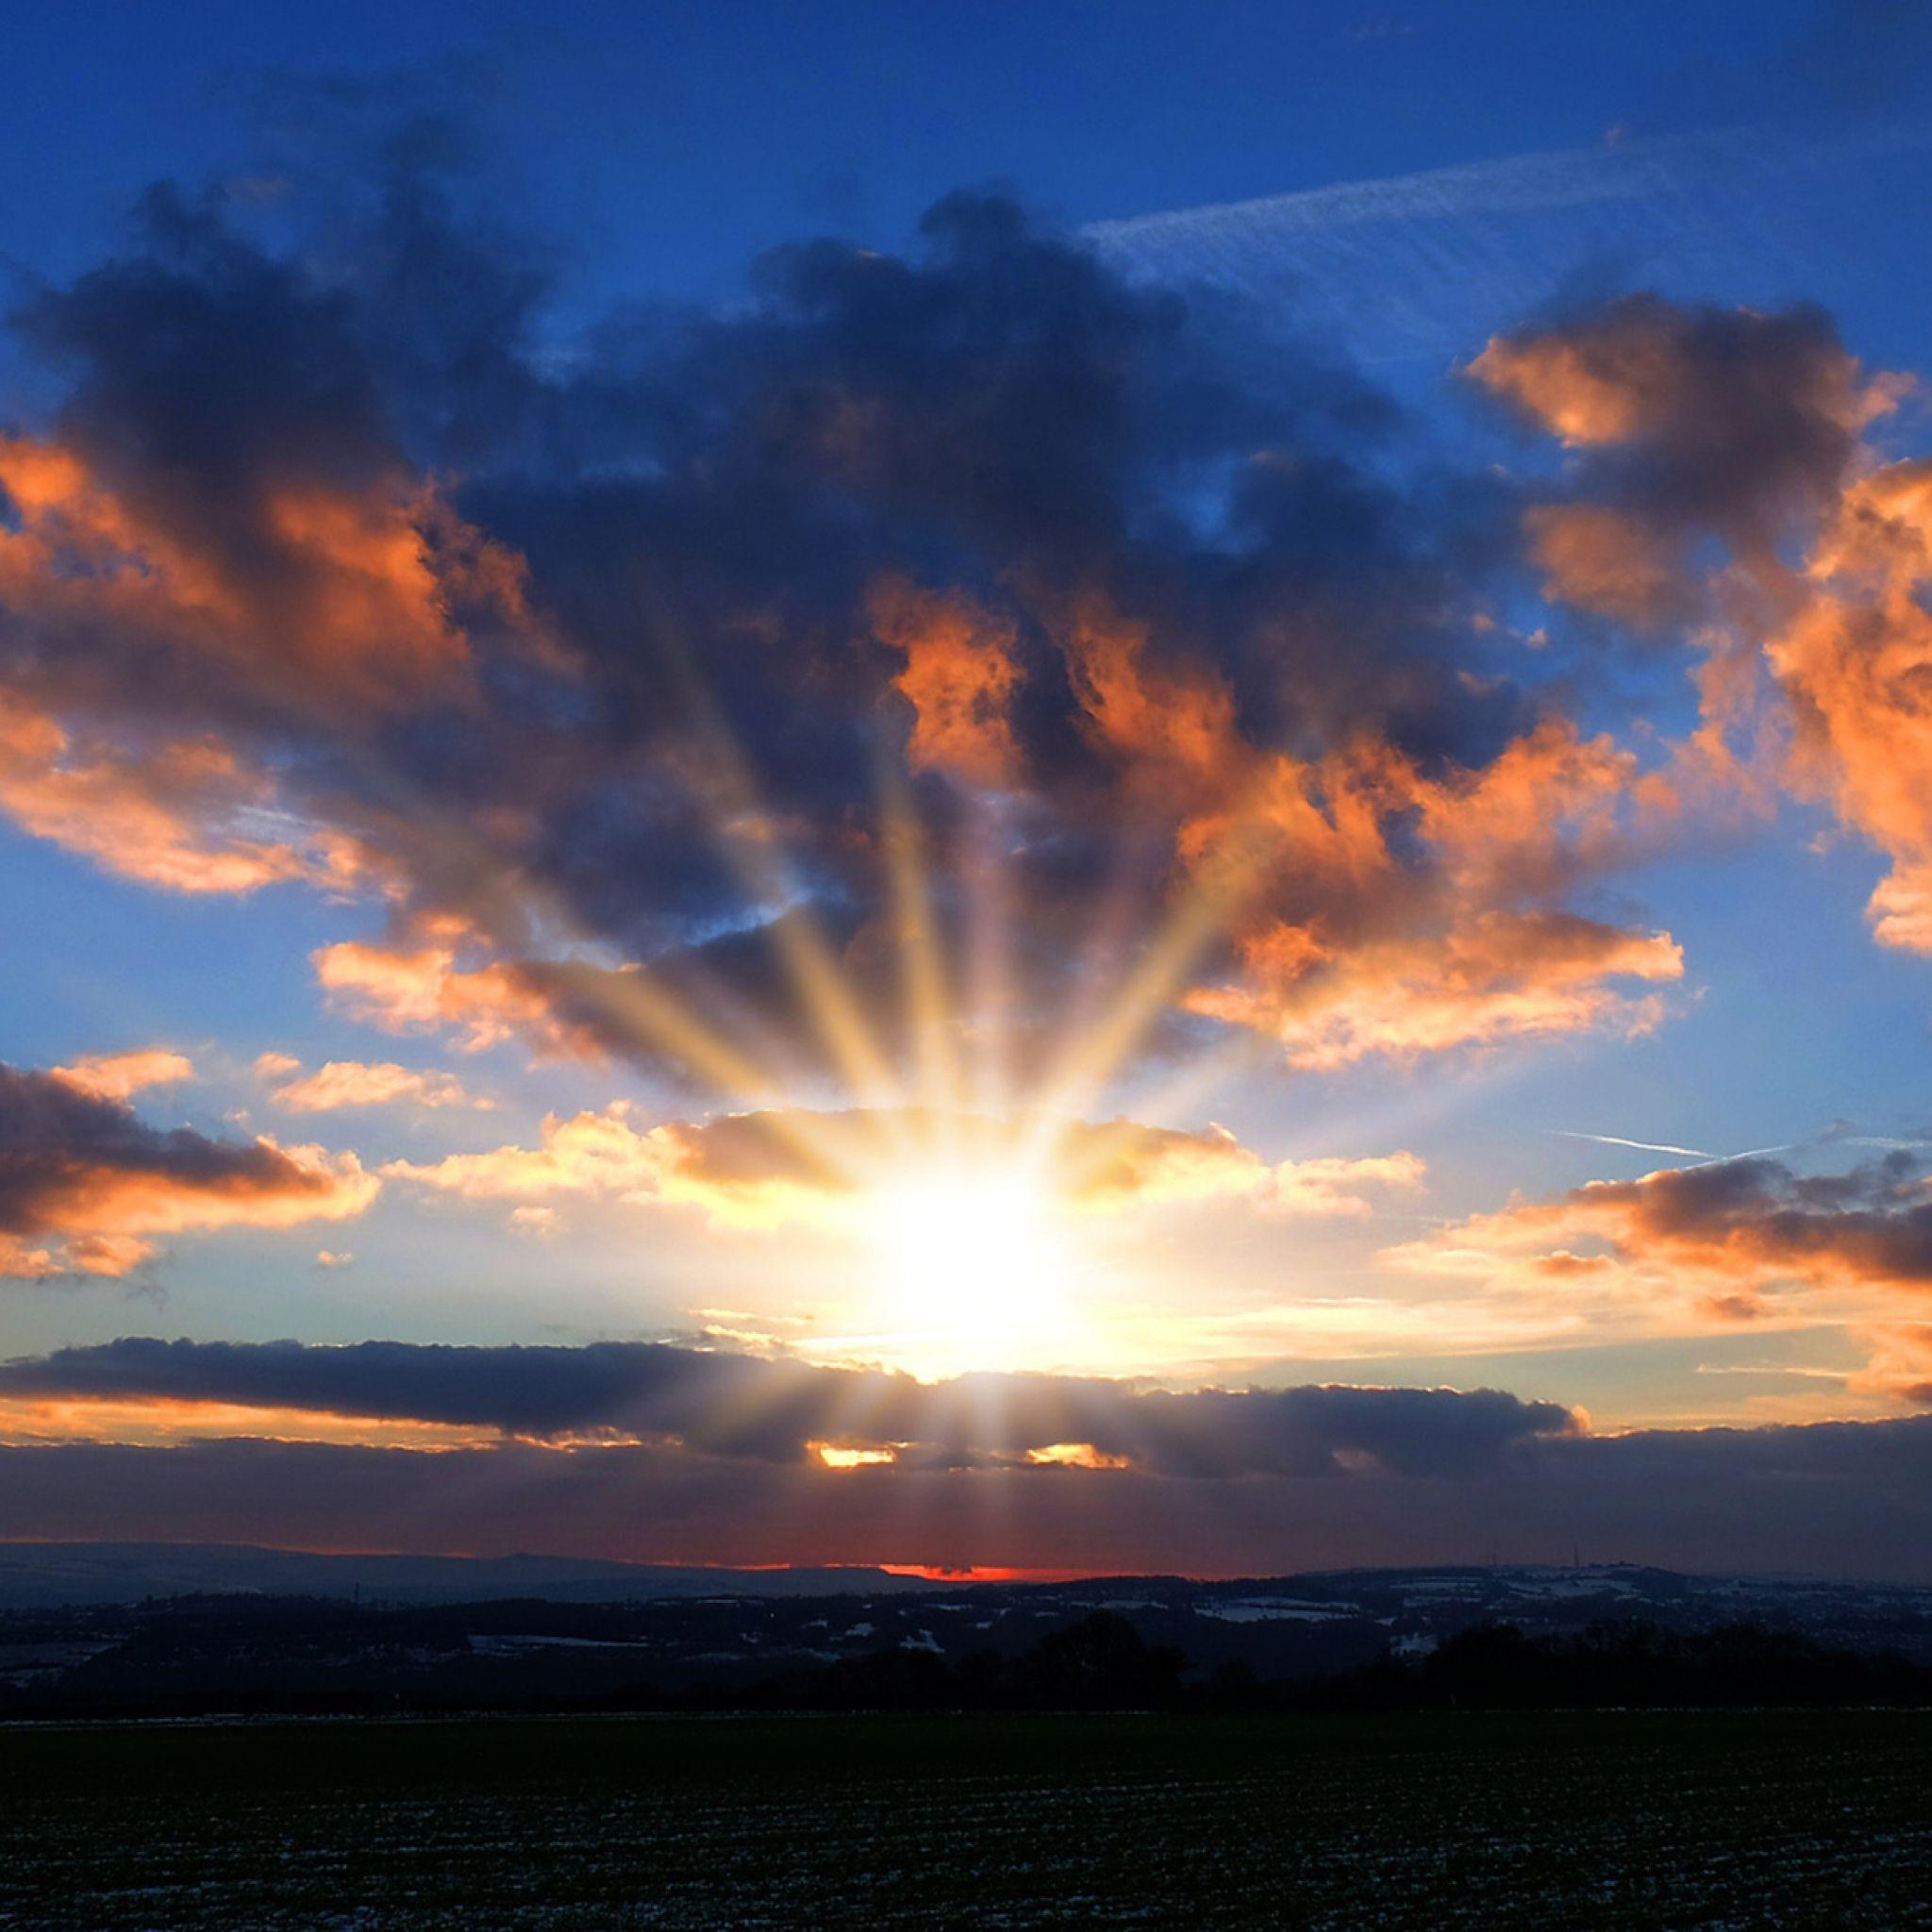 2048x2048 wallpaper céu, pôr do sol, nuvens, horizonte | paisagens